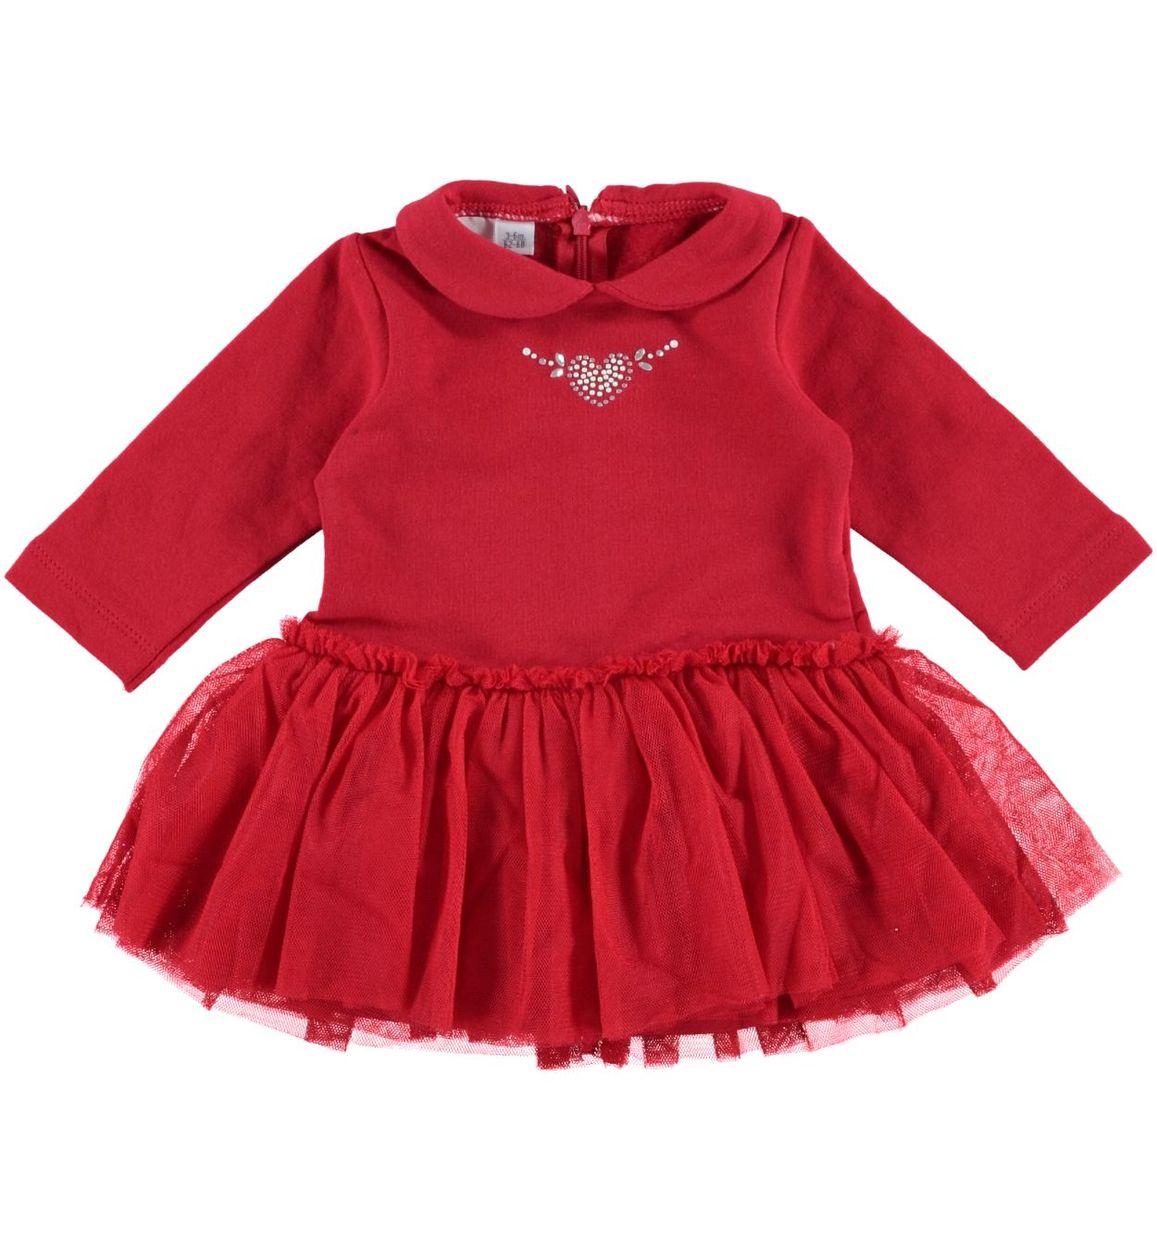 selezione speciale di vasta gamma di ottima qualità Vestitino con gonna in tulle per neonata da 0 a 18 mesi iDO